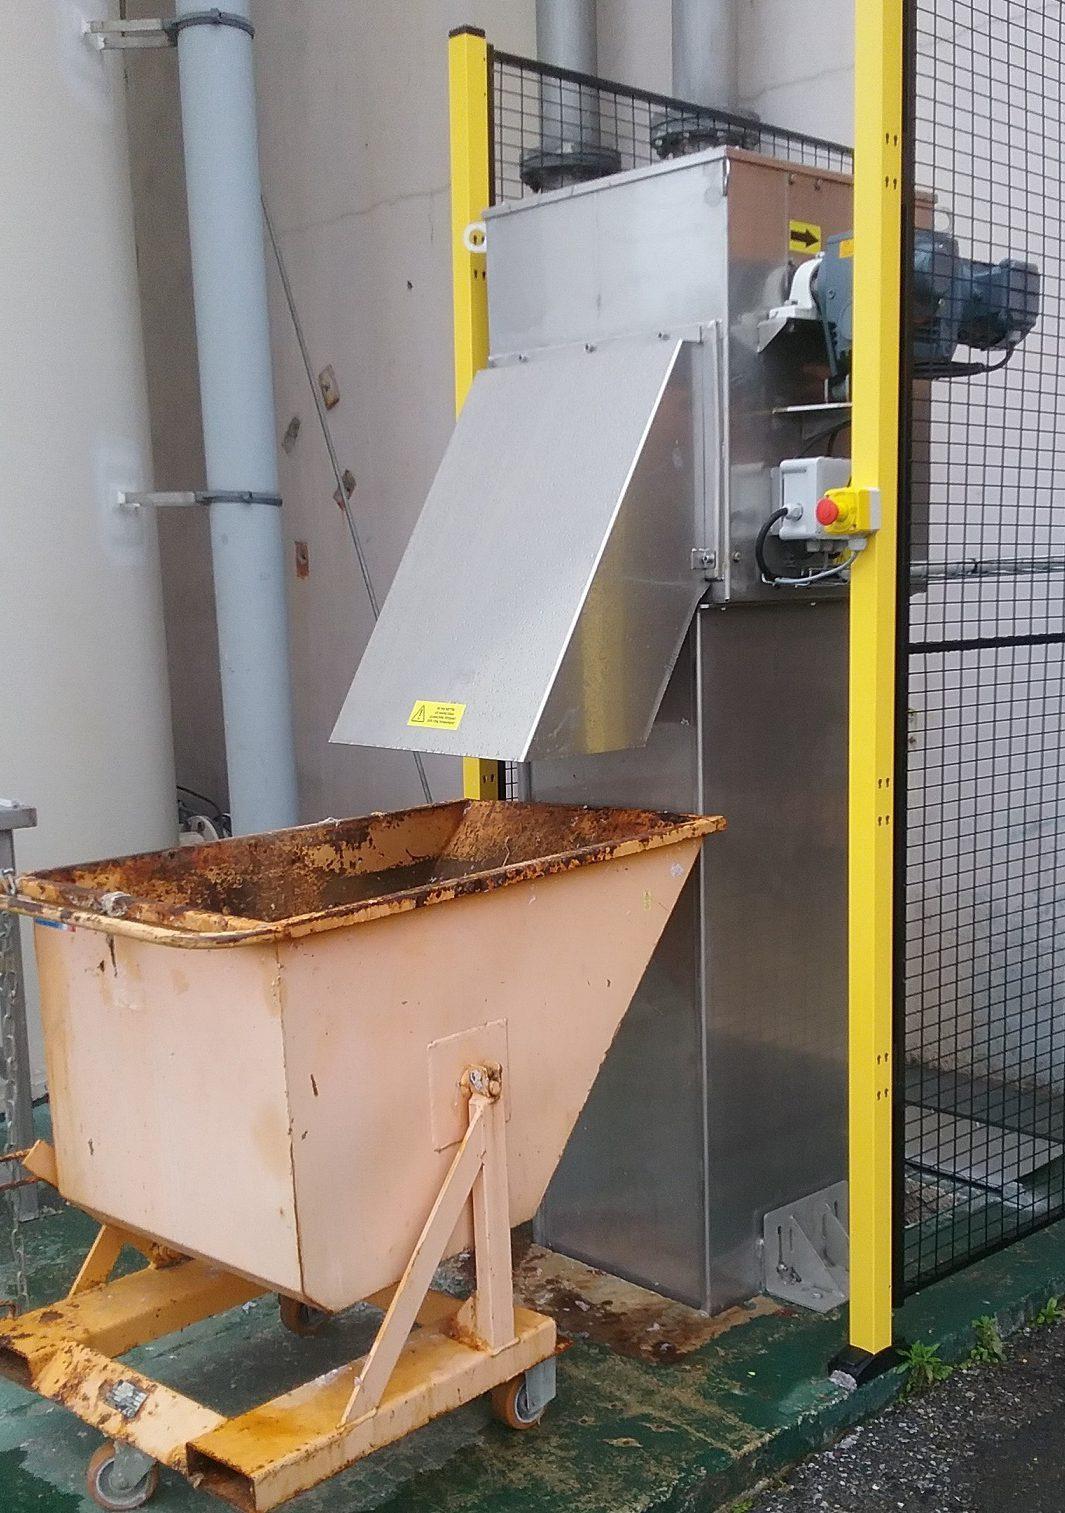 dégrilleur vertical inofilter installé dans un canal bêton